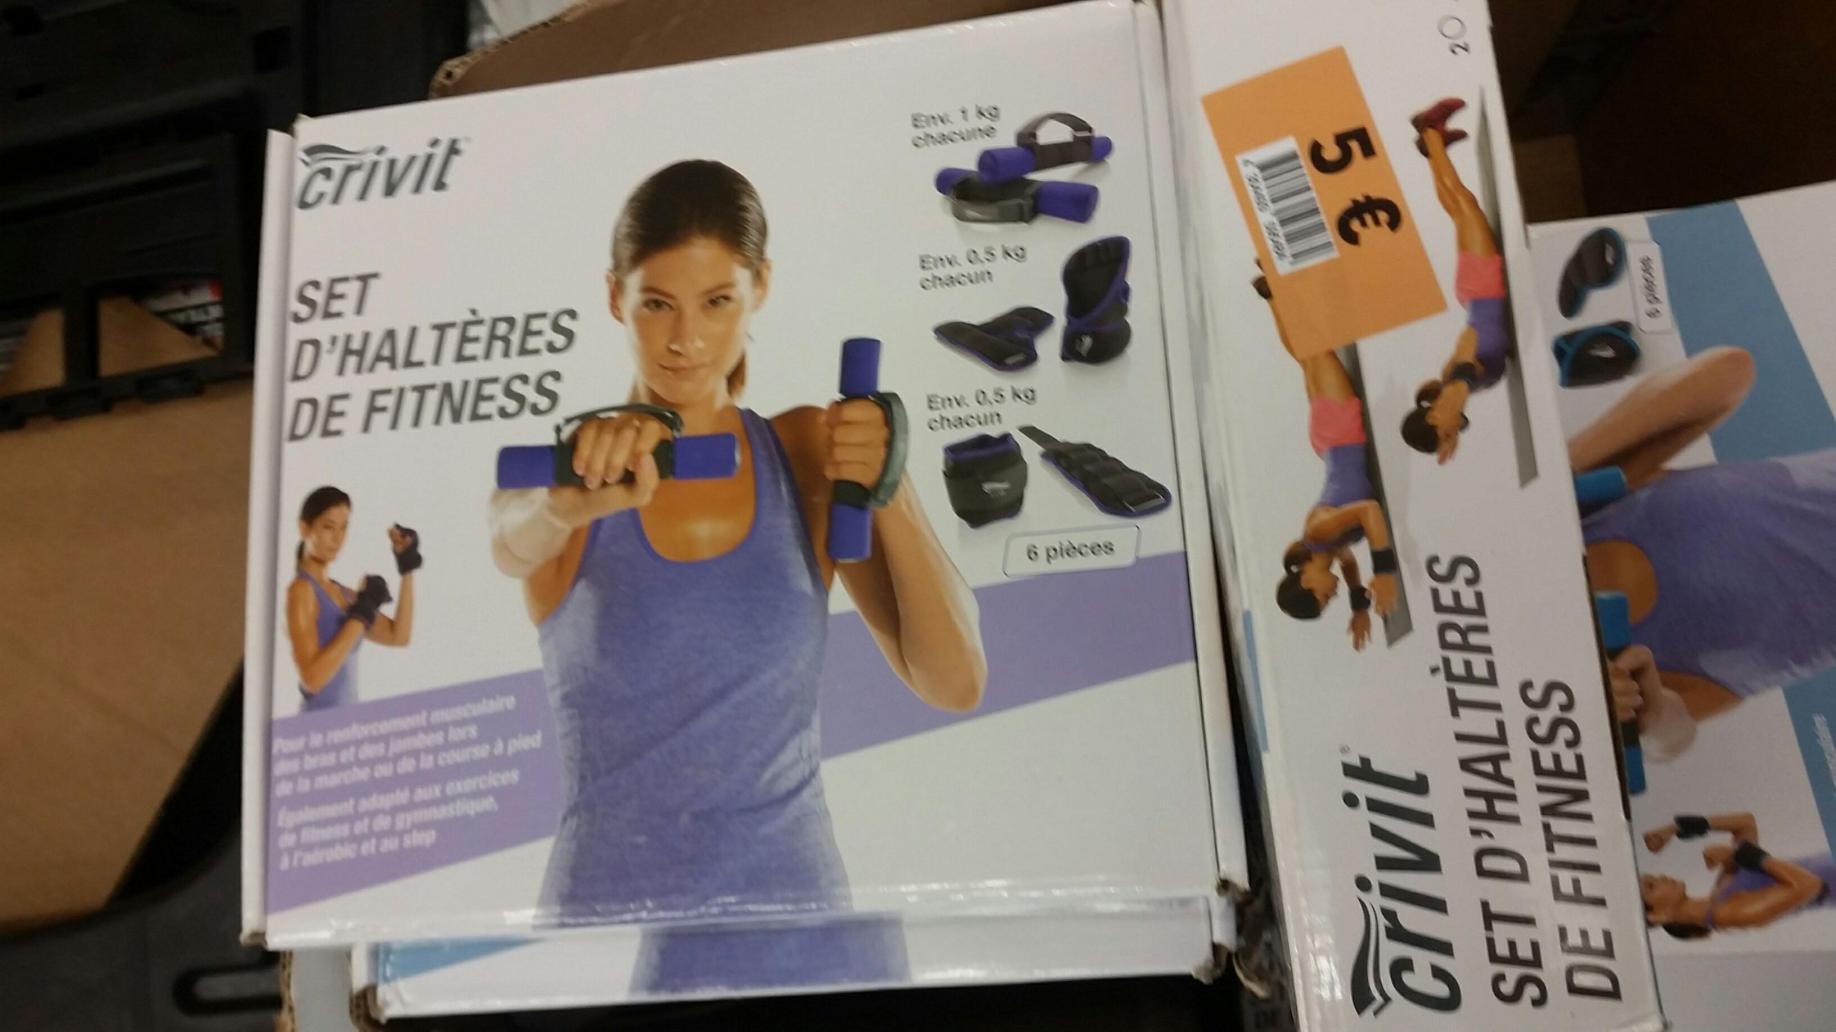 Set d'haltères de fitness Crivit (6 pièces)